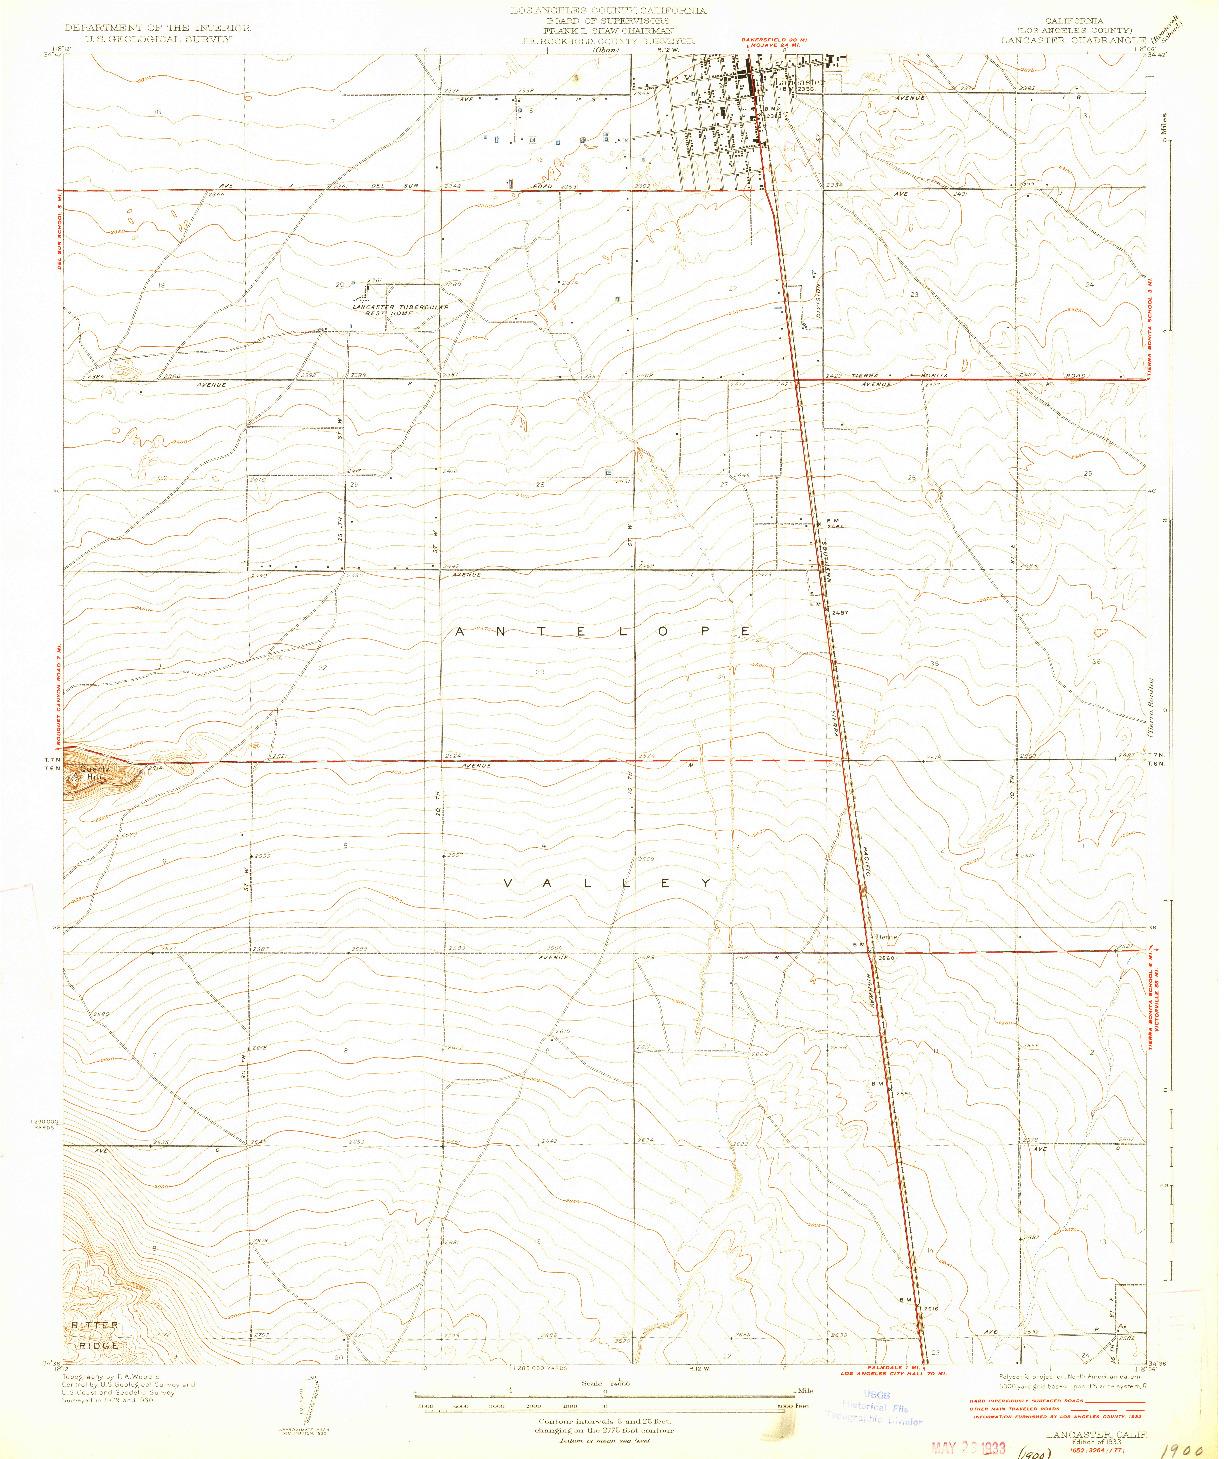 USGS 1:24000-SCALE QUADRANGLE FOR LANCASTER, CA 1933